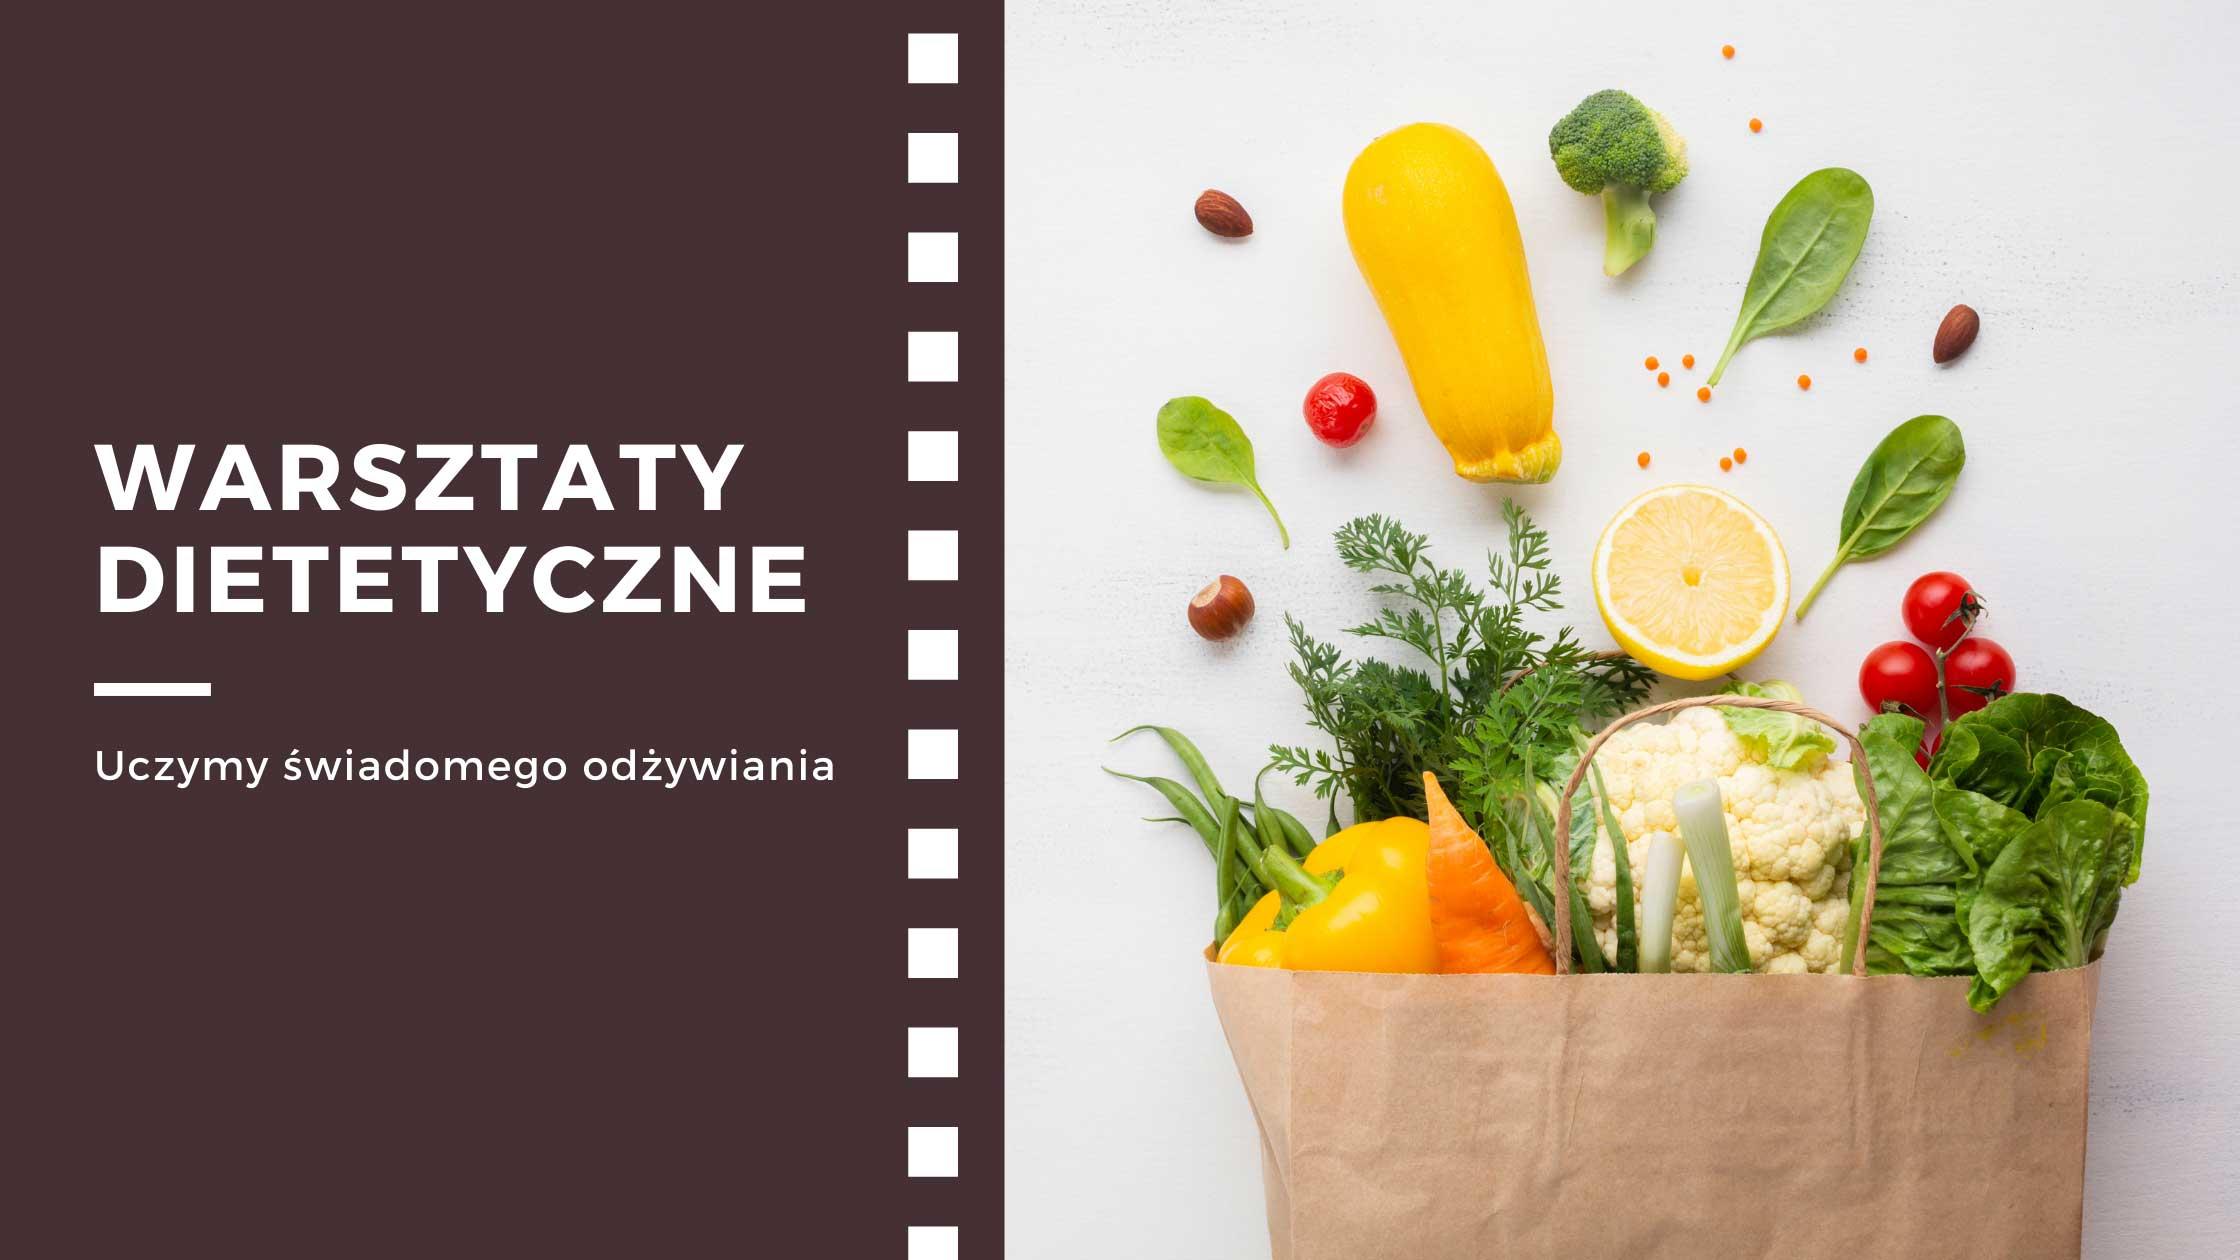 warsztaty-dietetyczne